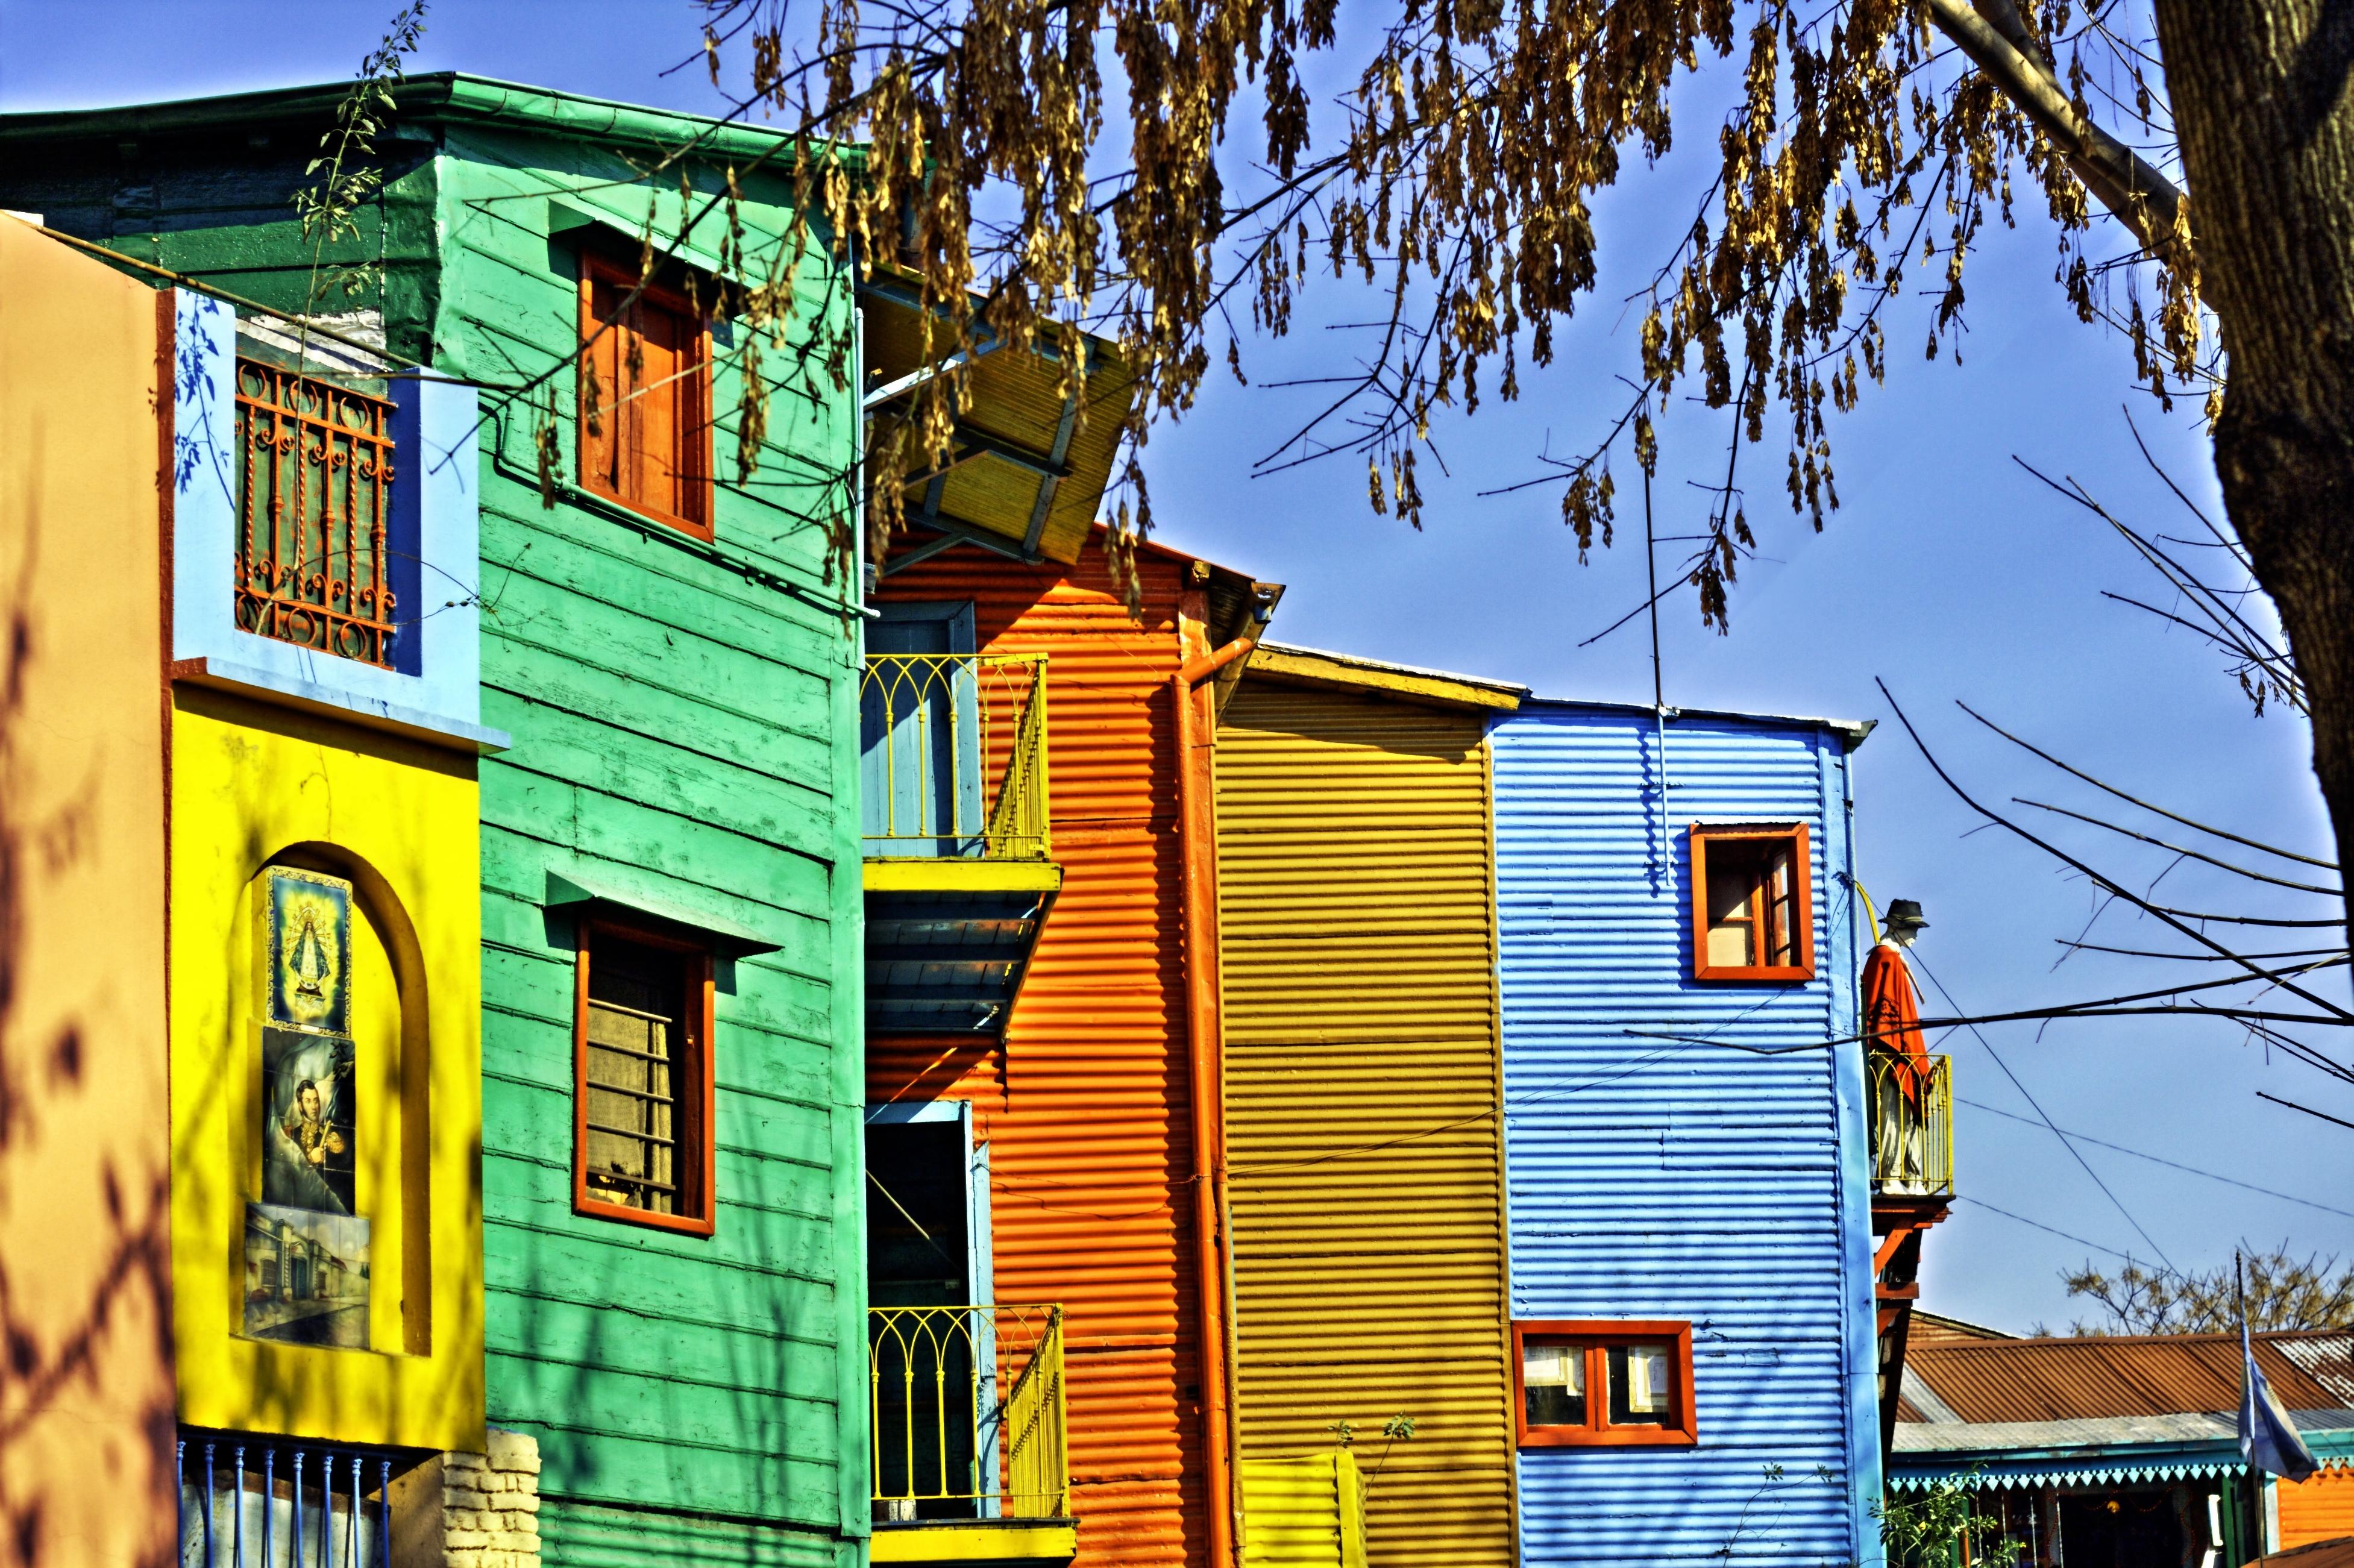 File:Buenos Aires - La Boca - Caminito - 200807j.jpg - Wikimedia ...